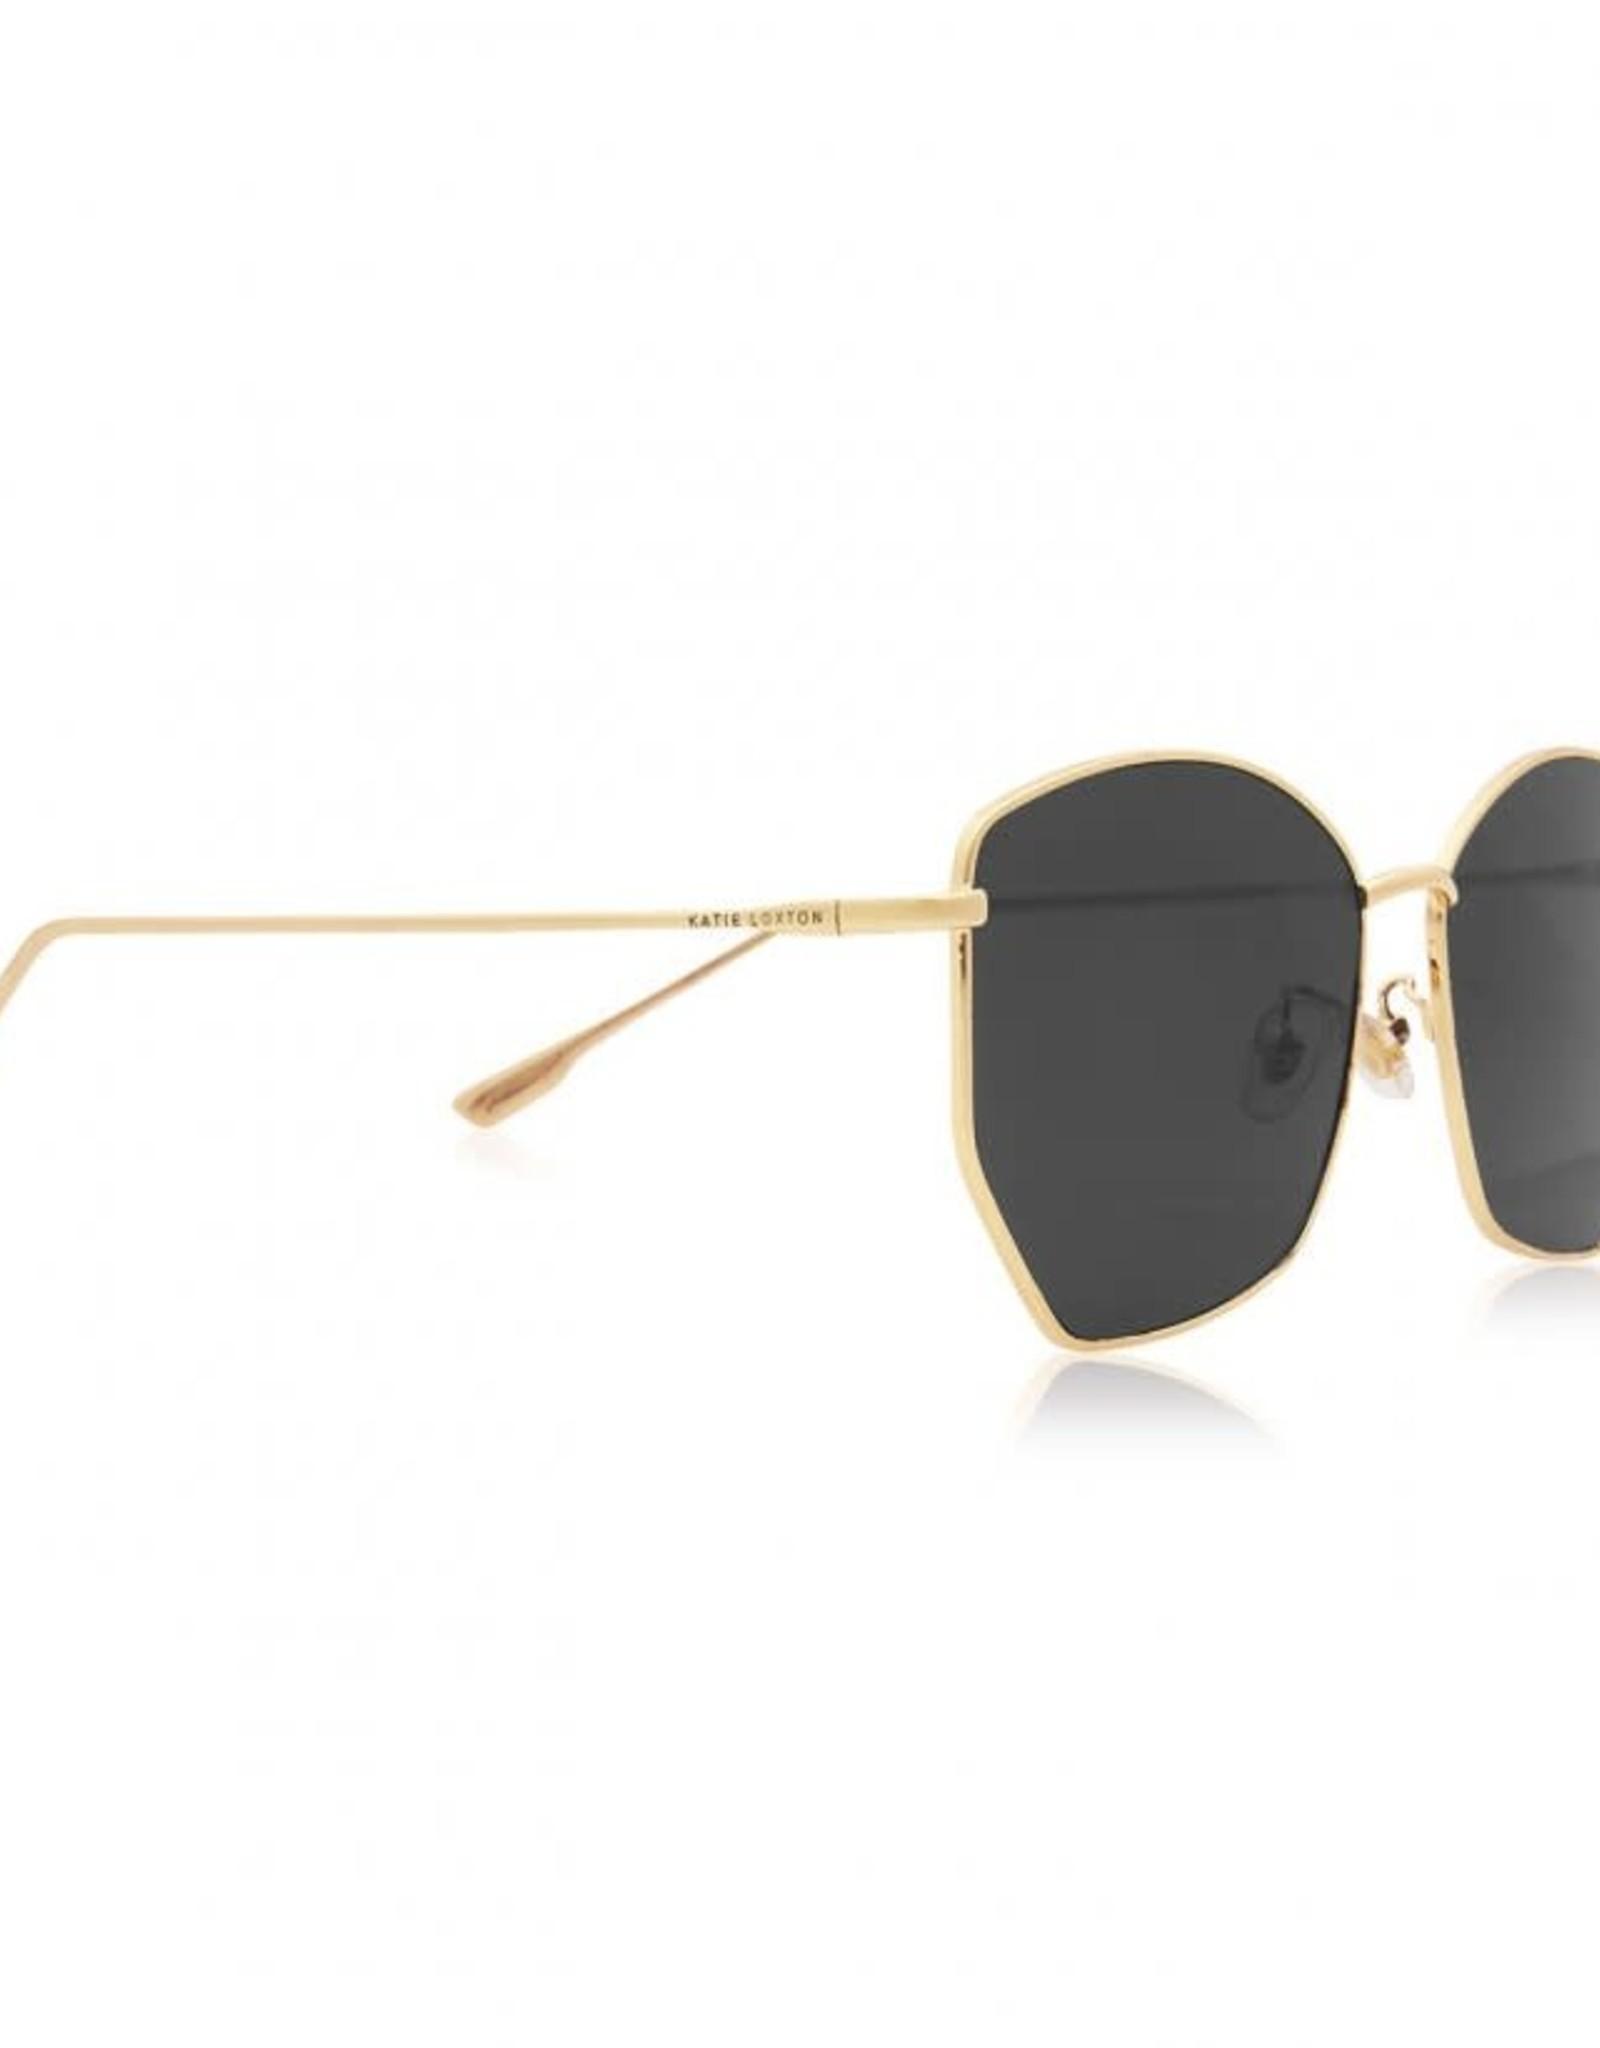 Katie Loxton Katie Loxton Havana  Sunglasses